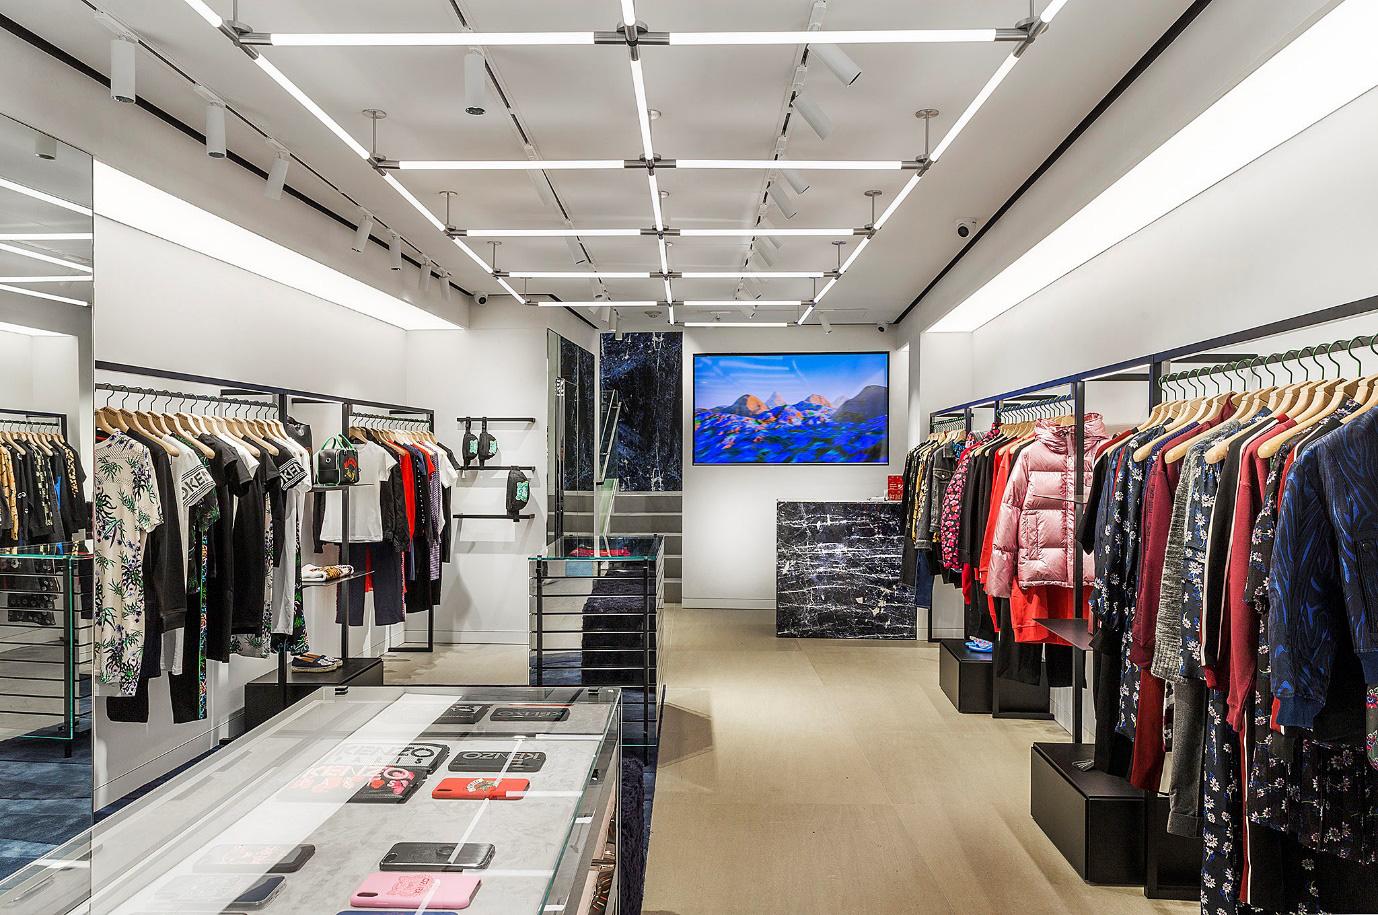 KENZO chào đón cửa hàng mới tại địa điểm đẹp bậc nhất Hà Nội - Ảnh 10.